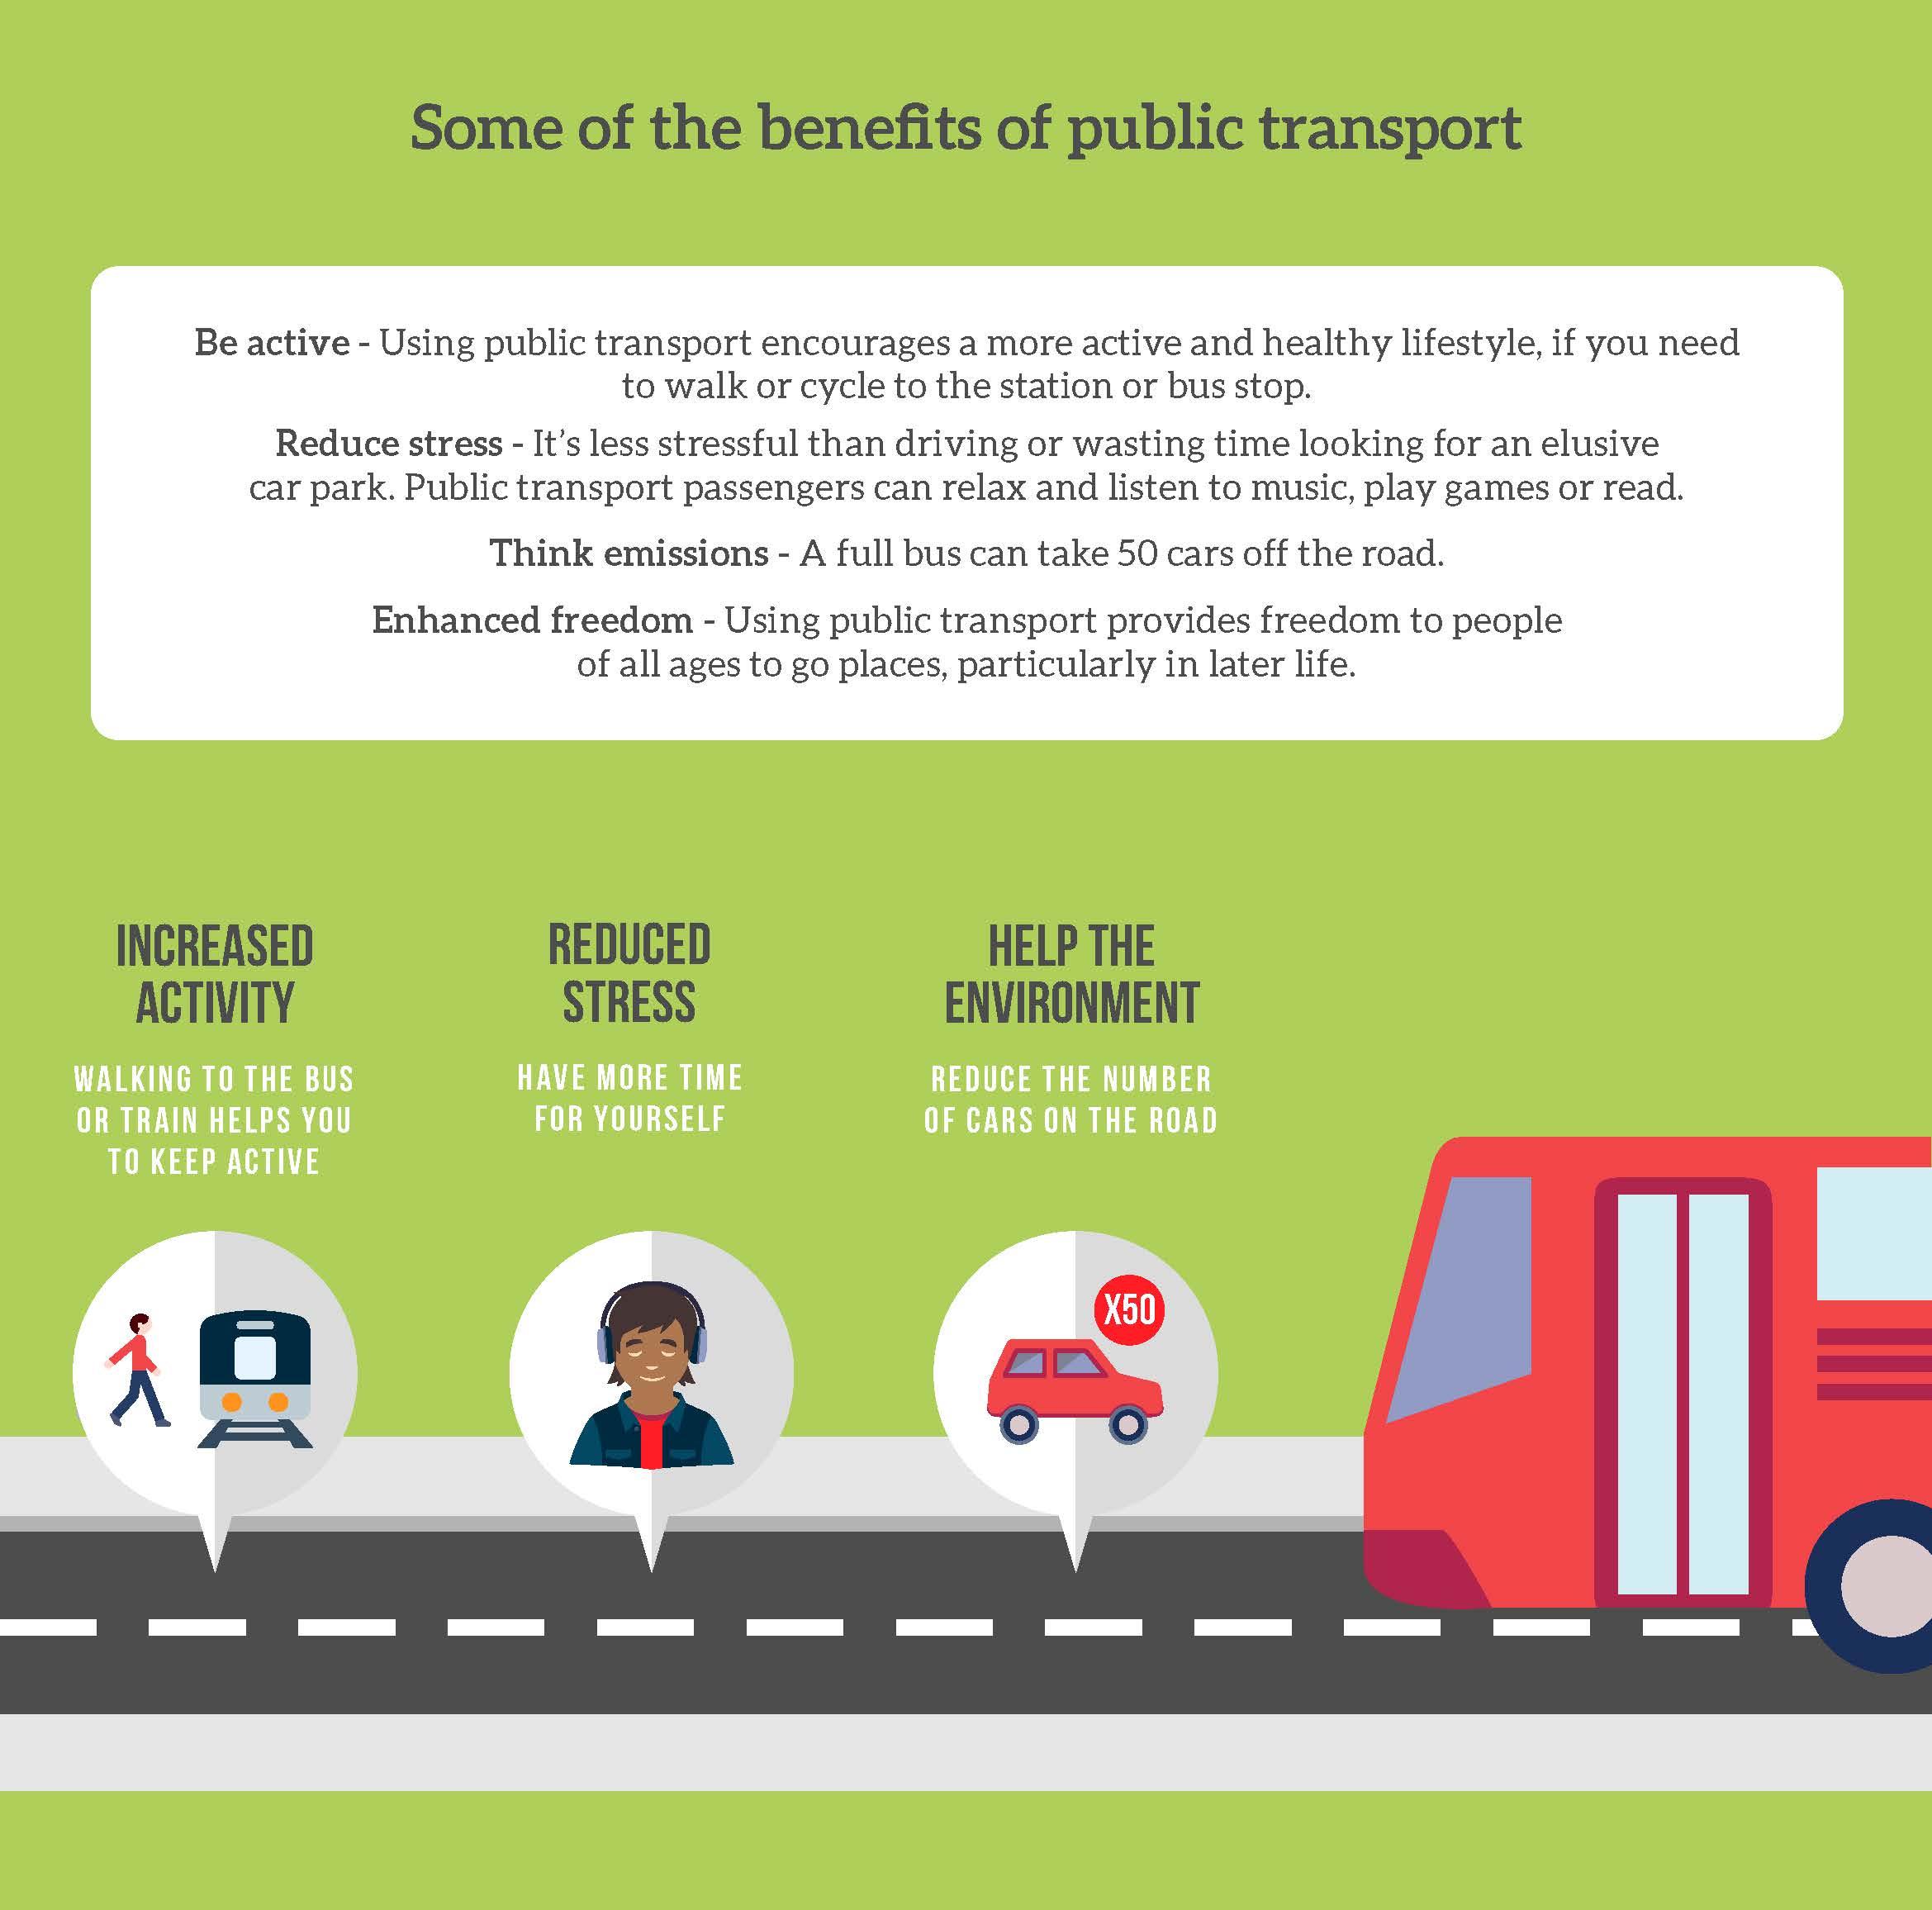 PT_Benefits illustration_final v2.jpg